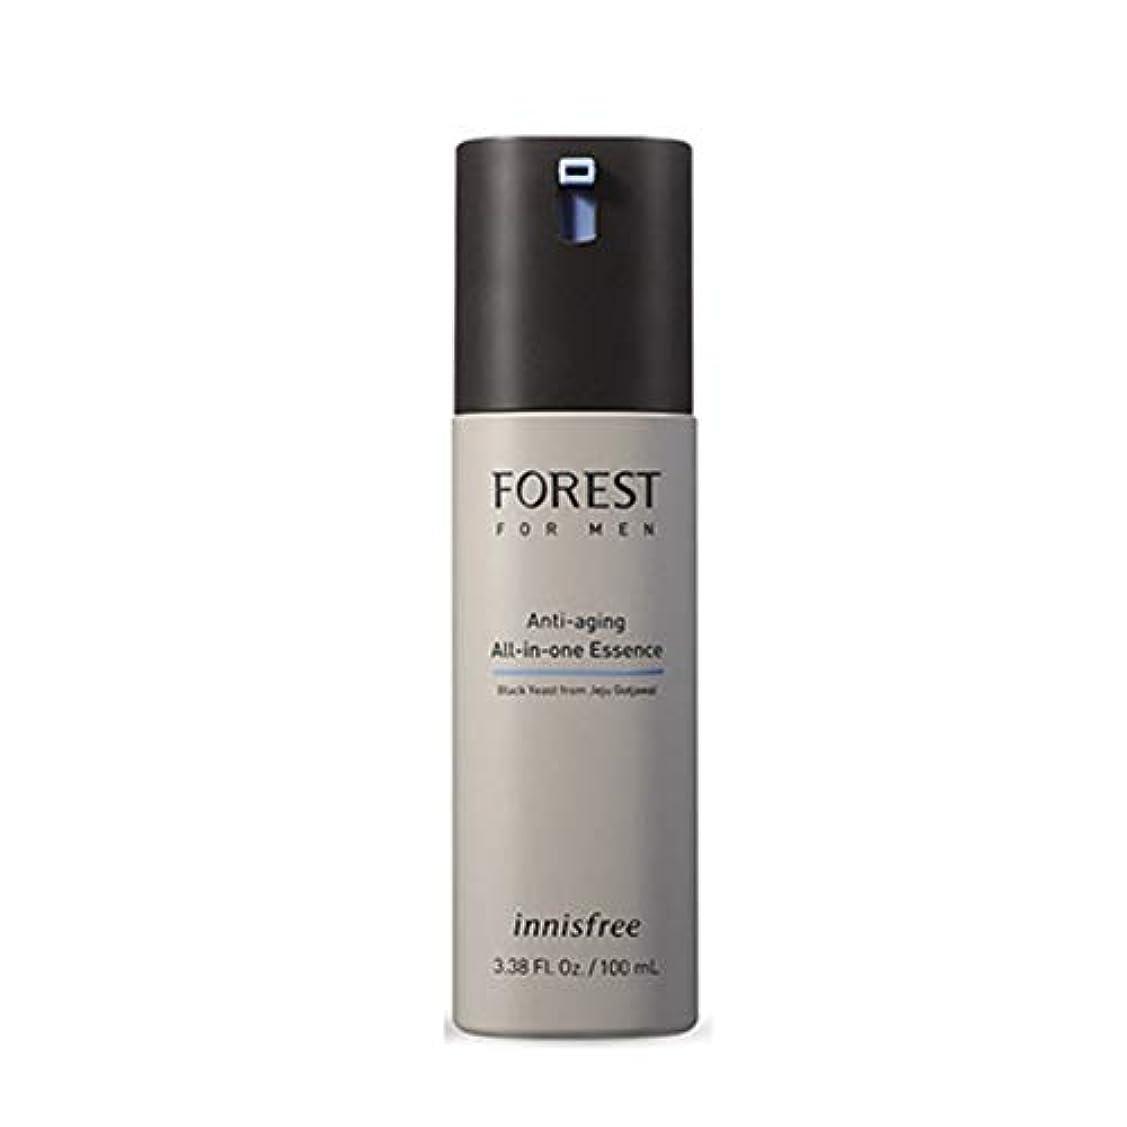 空アライメント恨みイニスフリーフォレストフォーメンオールインワンエッセンス100ml 4タイプメンズコスメ韓国コスメ、innisfree Forest for Men All-in-one Essence 100ml 4 Types Korean...